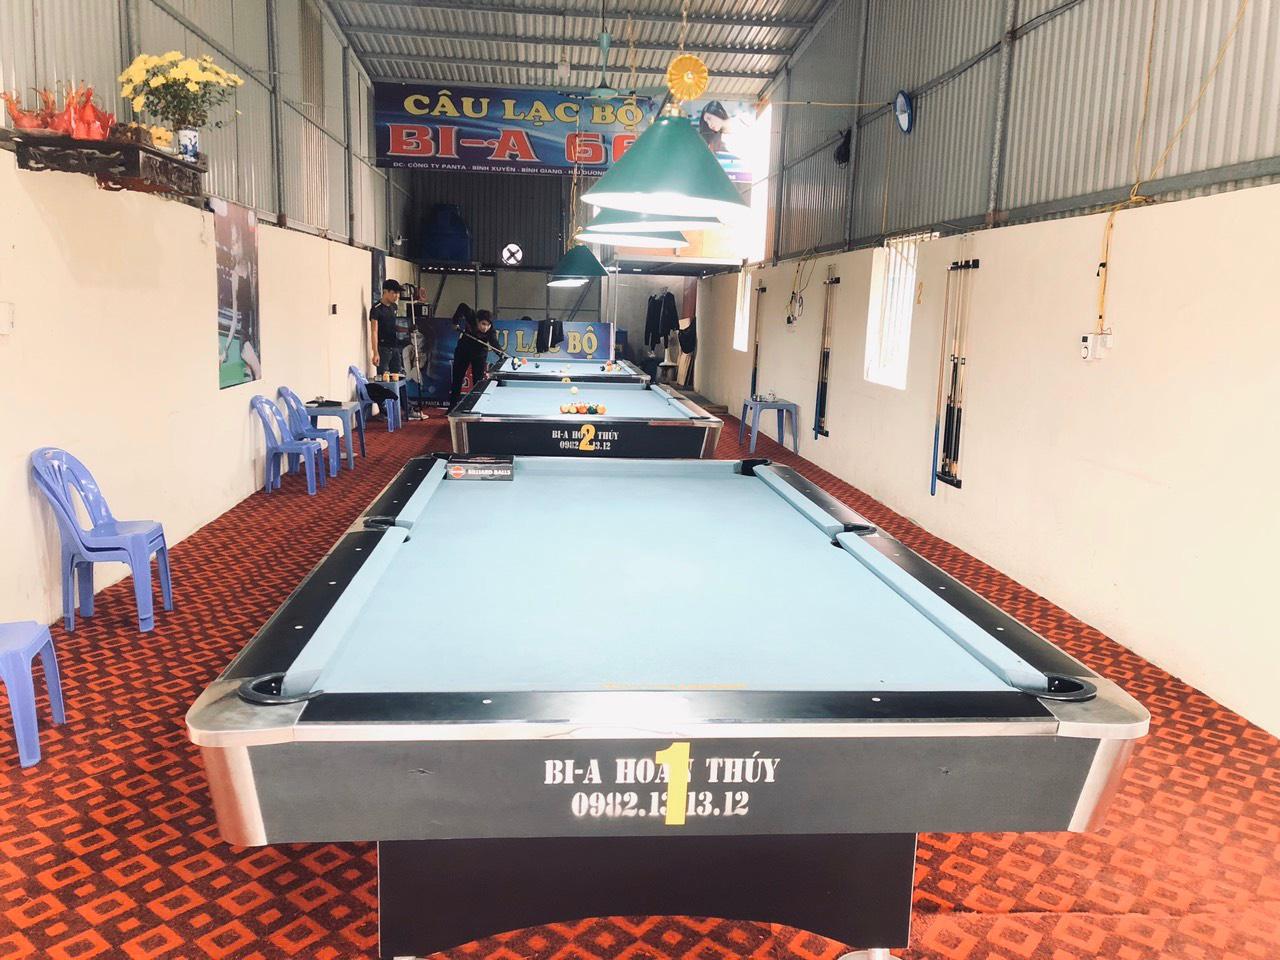 Billiards Hoàn Thúy tự hào là địa chỉ tin cậy được nhiều khách hàng trên khắp cả nước chọn mua bàn bida với độ tín nhiệm cao